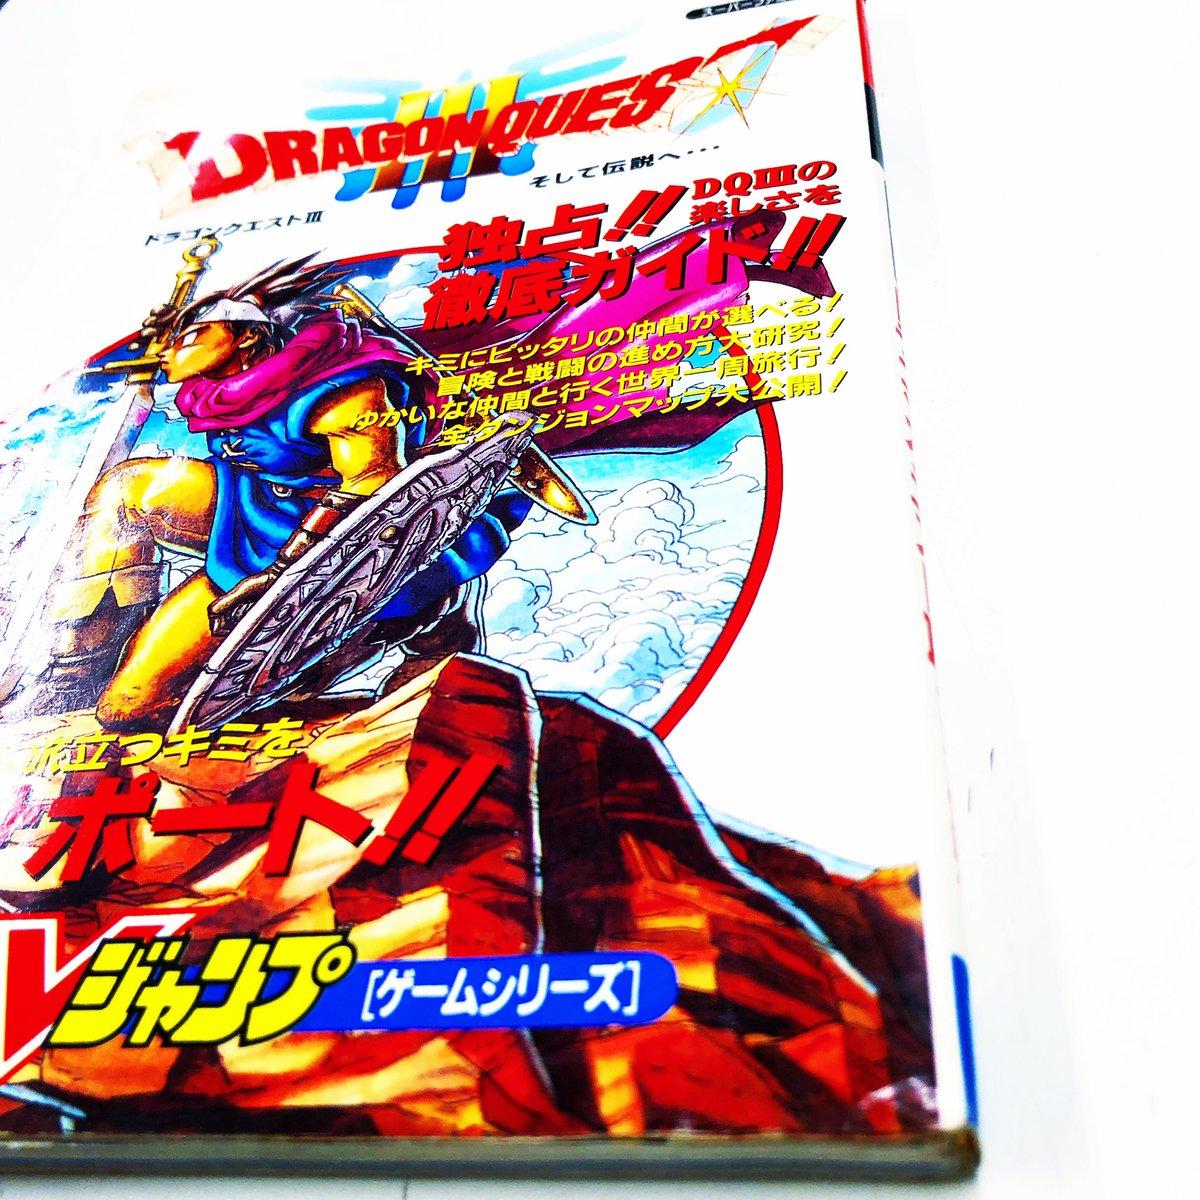 入荷案内です。イタミあります。スーパーファミコン版の攻略本です。「ドラゴンクエストⅢそして伝説へ… Vジャンプブックス」が入りました。攻略本のコーナーにあります。#攻略本 #guidebook #テレビゲーム #videogame #nintendo #任天堂 #ソニー #Sony #SEGA #セガ #Sapporo #札幌